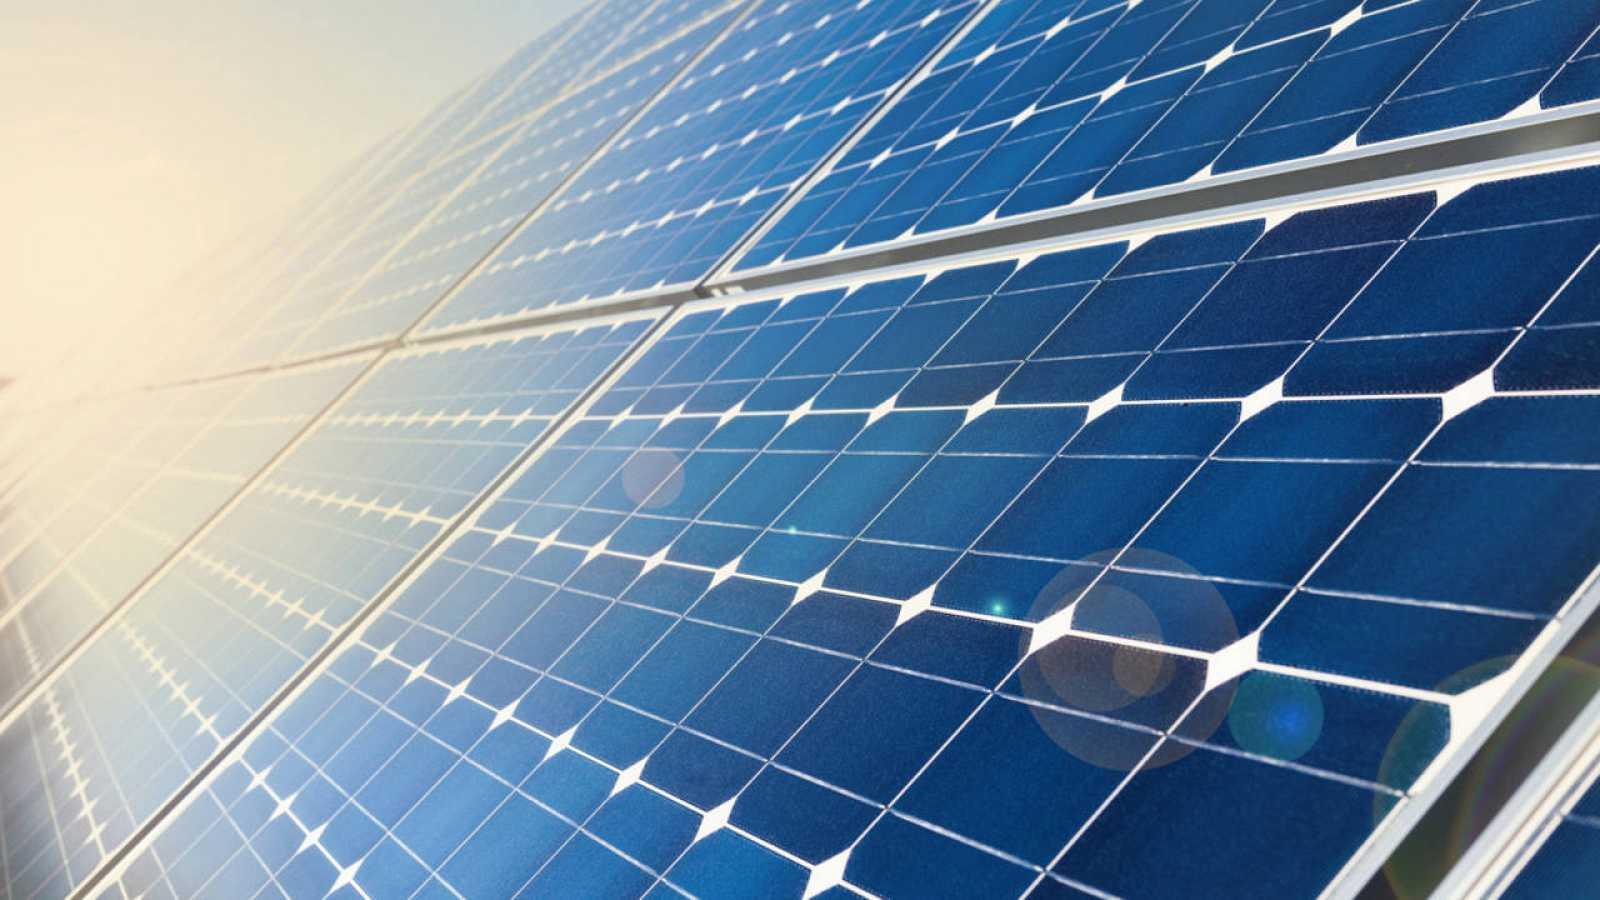 Las células solares convencionales convierten la luz solar en electricidad que debe almacenarse en baterías.